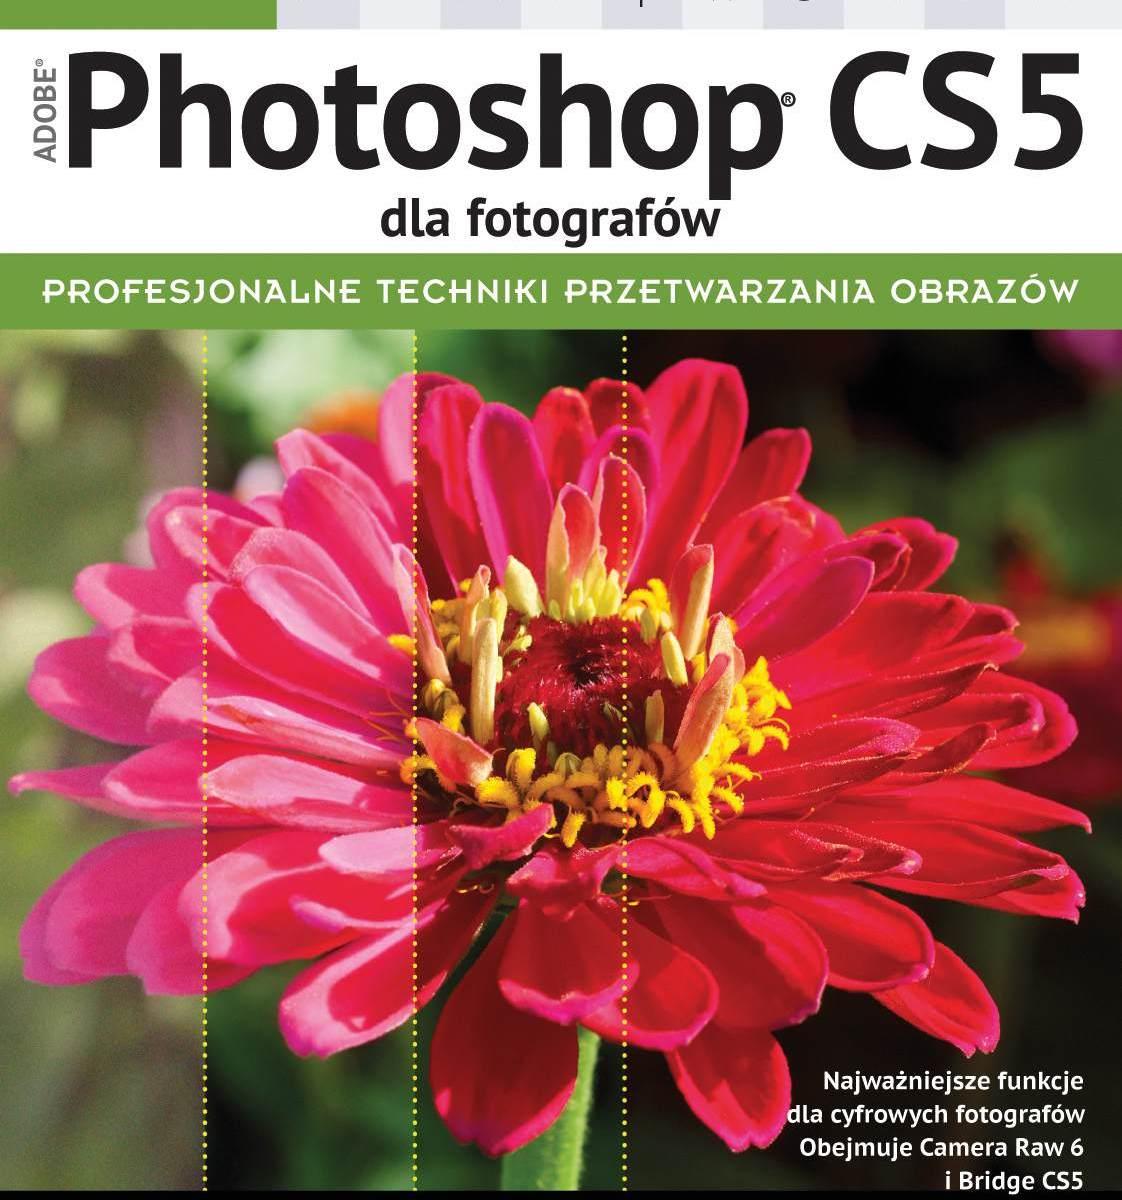 Krajobrazy Kreatywna fotografia - Adobe Photoshop CS5 dla fotografówConrad Chavez